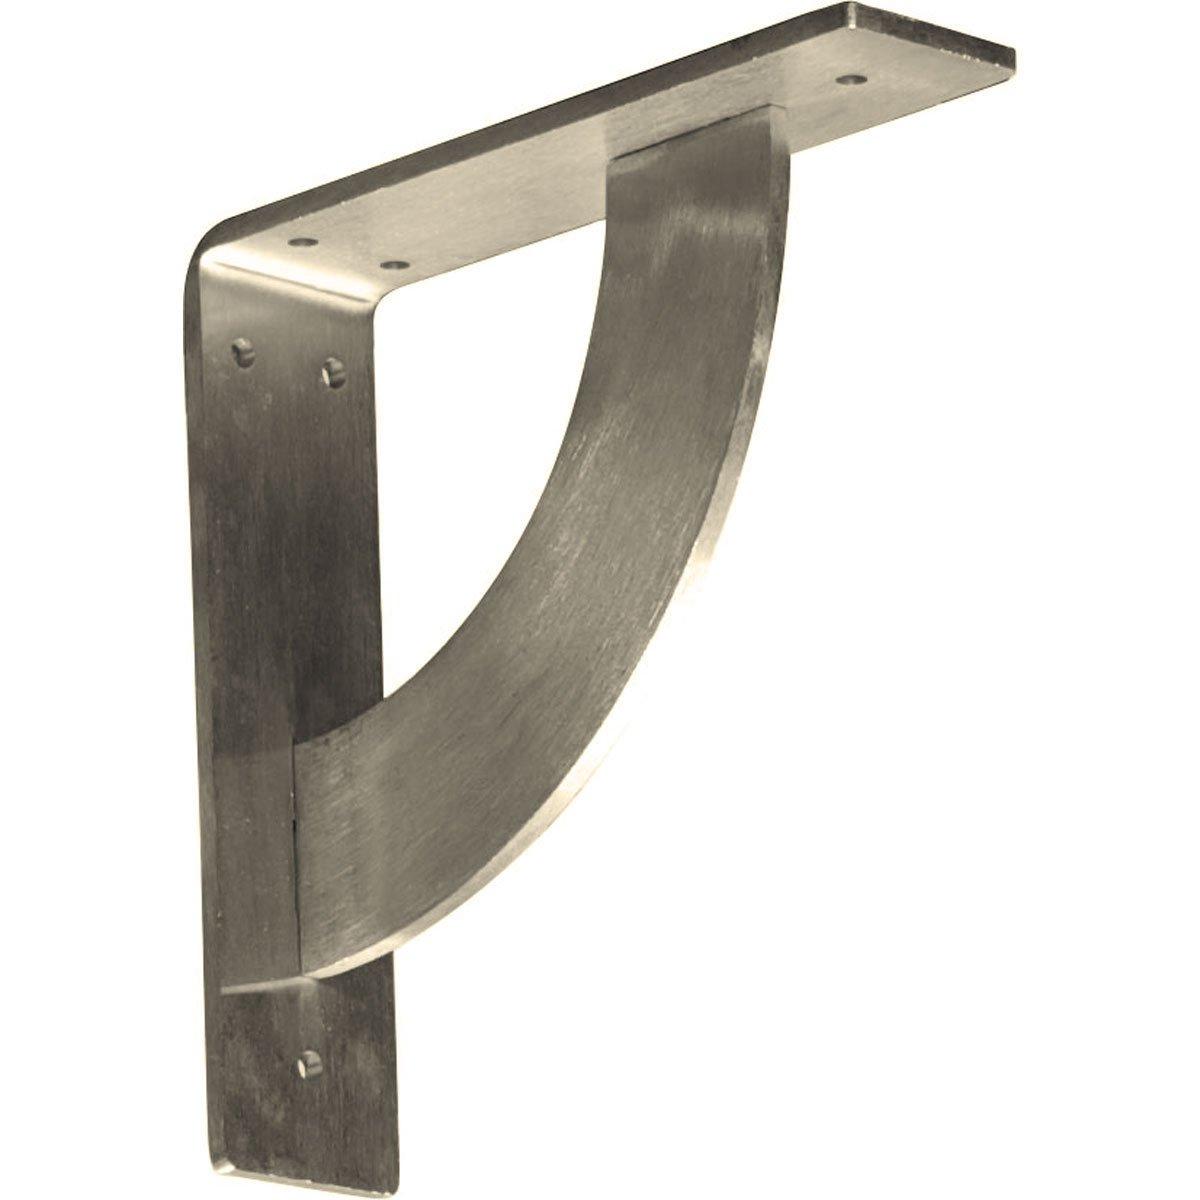 Ekena Millwork BKTM02X08X08BUSS  2-Inch W x 8-Inch D x 8-Inch H Bulwark Bracket, Stainless Steel